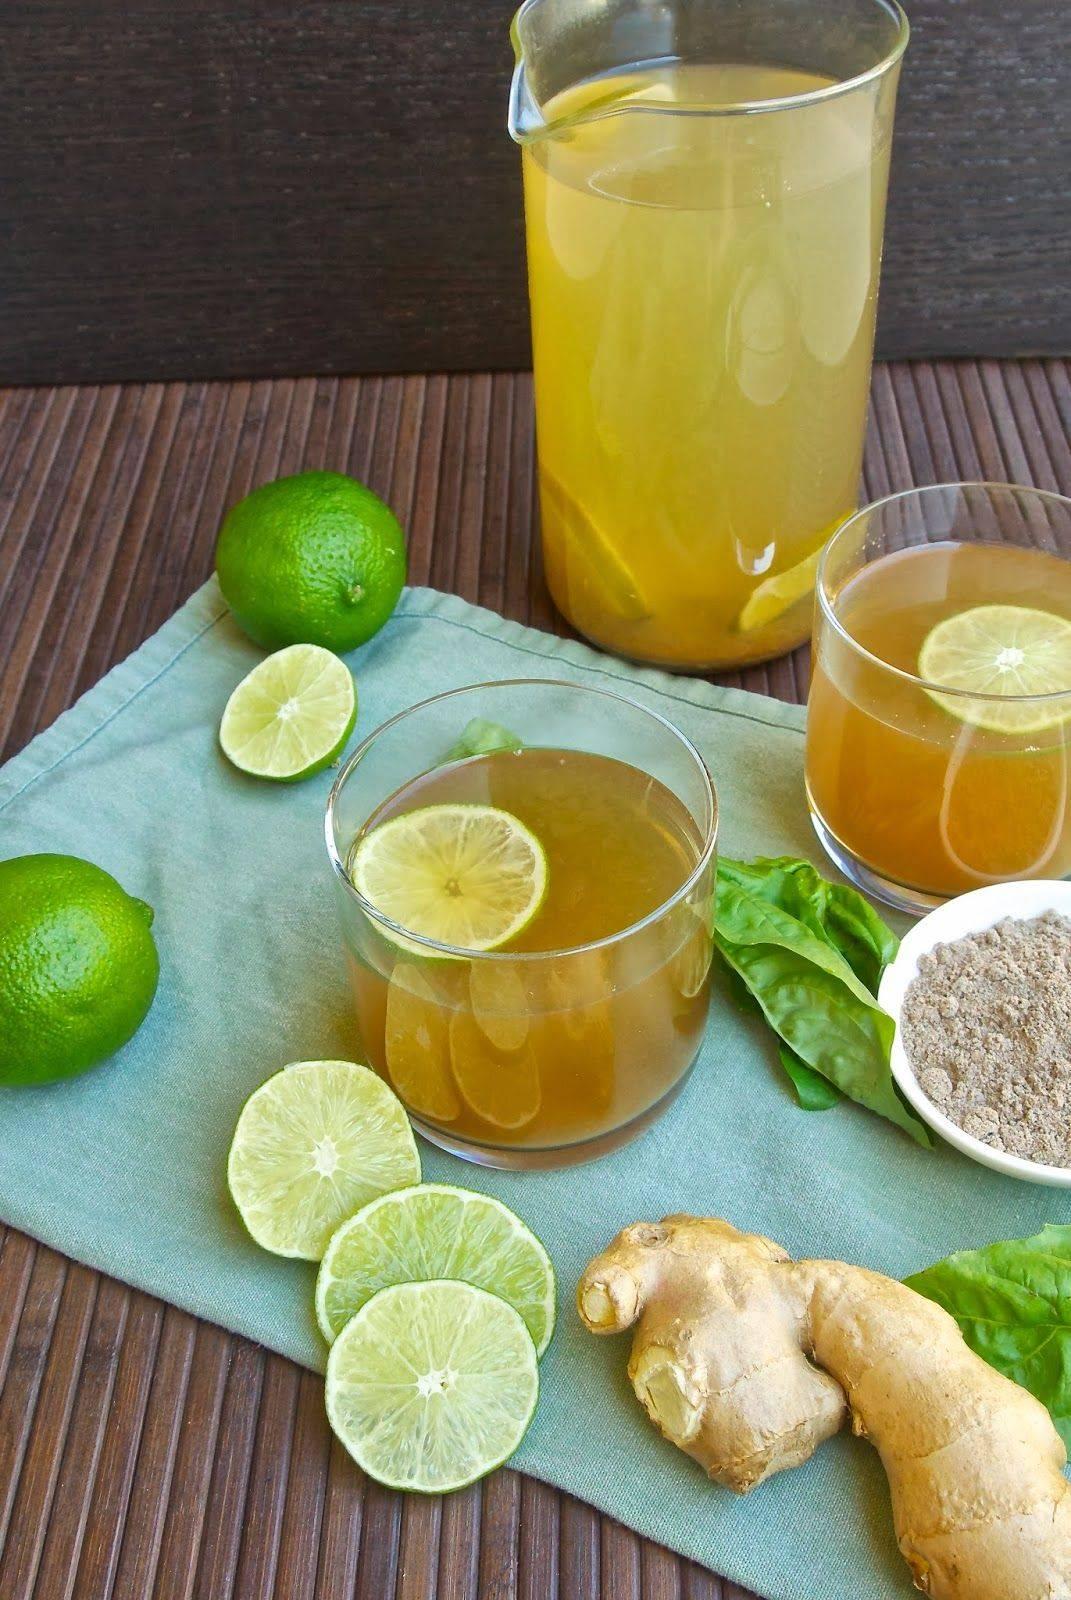 Чай с лимоном и имбирем для похудения, отзывы и рецепты имбирного чая